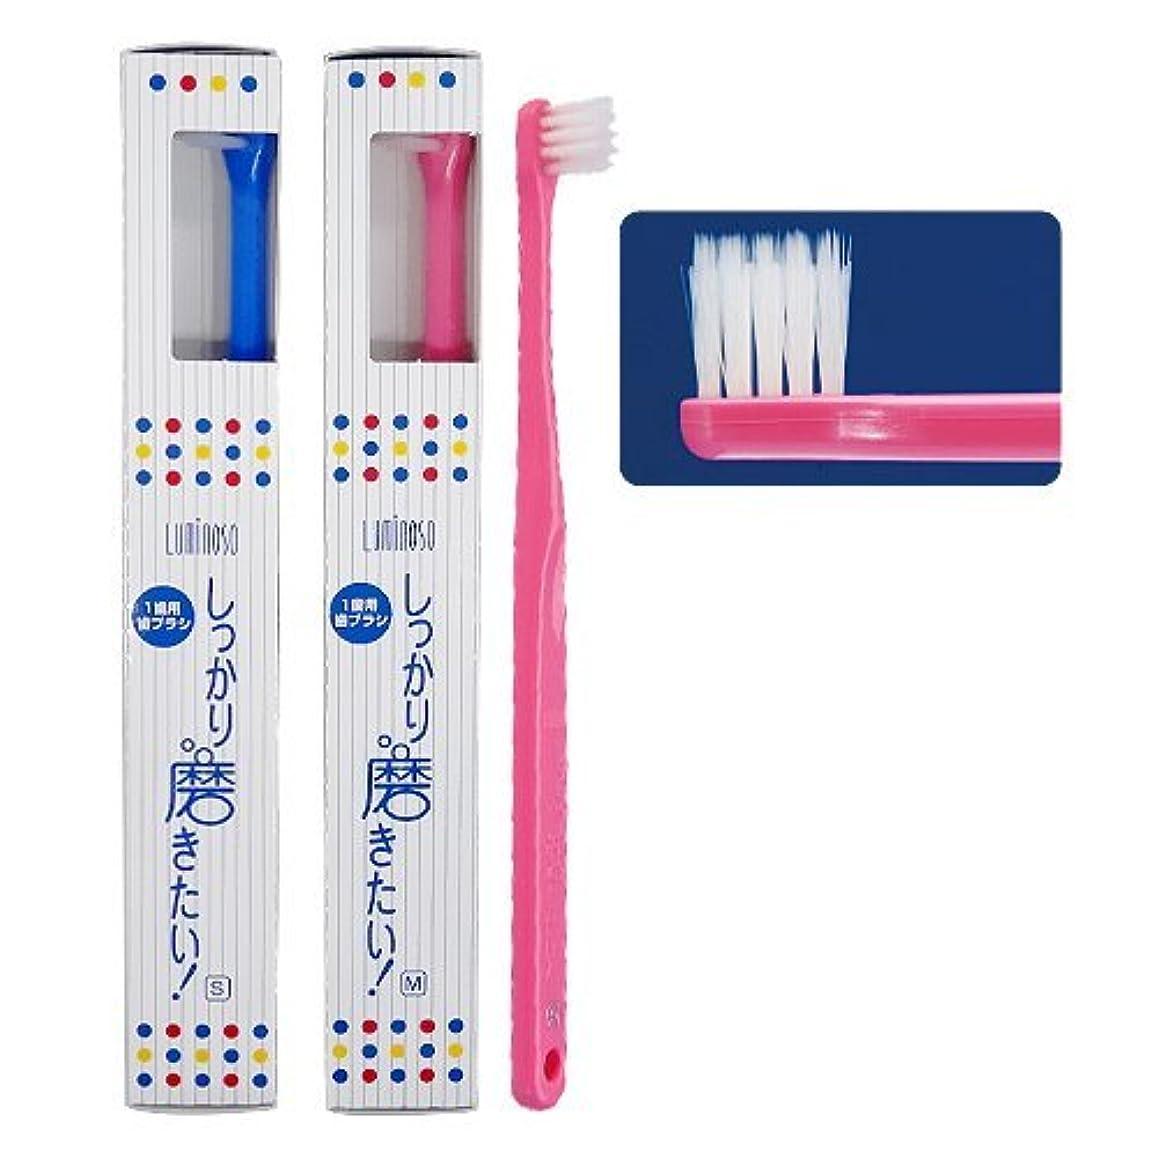 即席またね入植者ルミノソ 1歯用歯ブラシ「しっかり磨きたい!」スタンダード ソフト (カラー指定不可) 3本